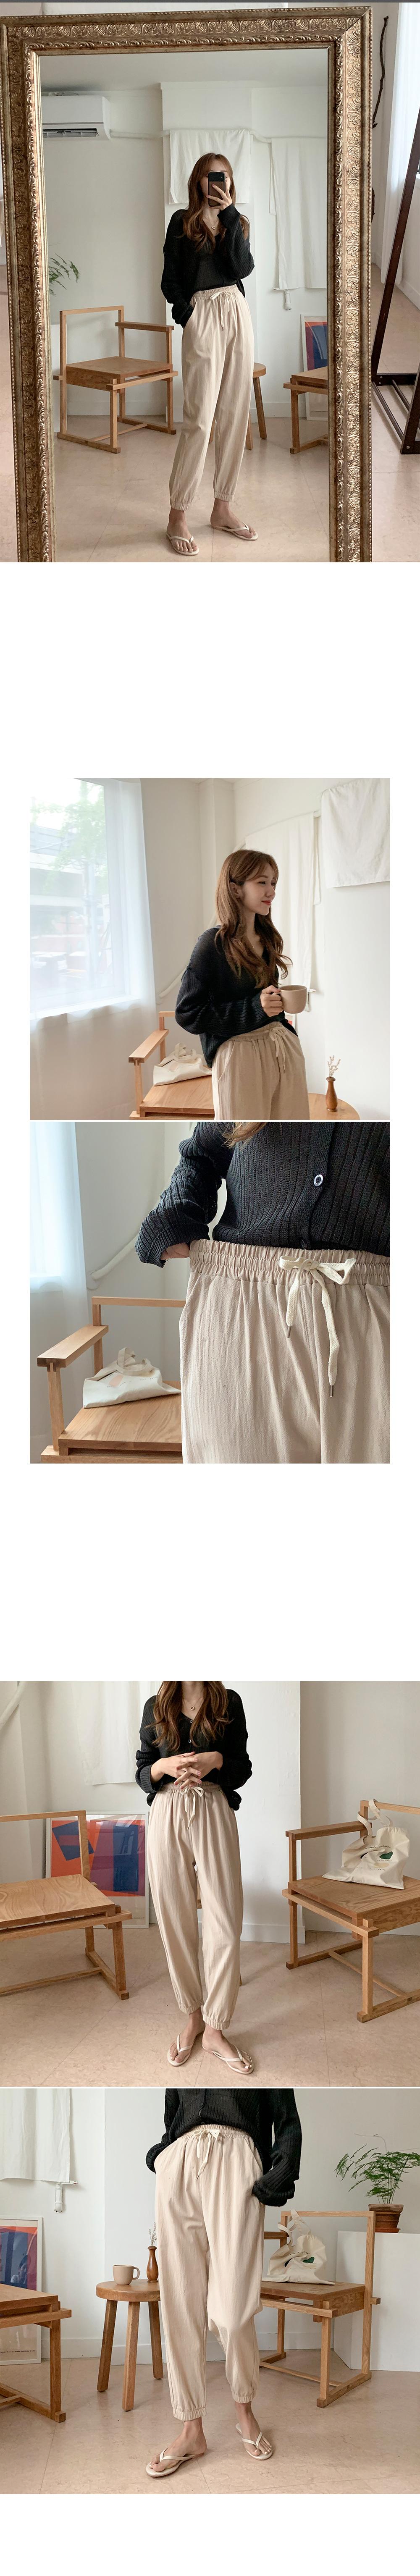 Bipine Daily Jogger Pants